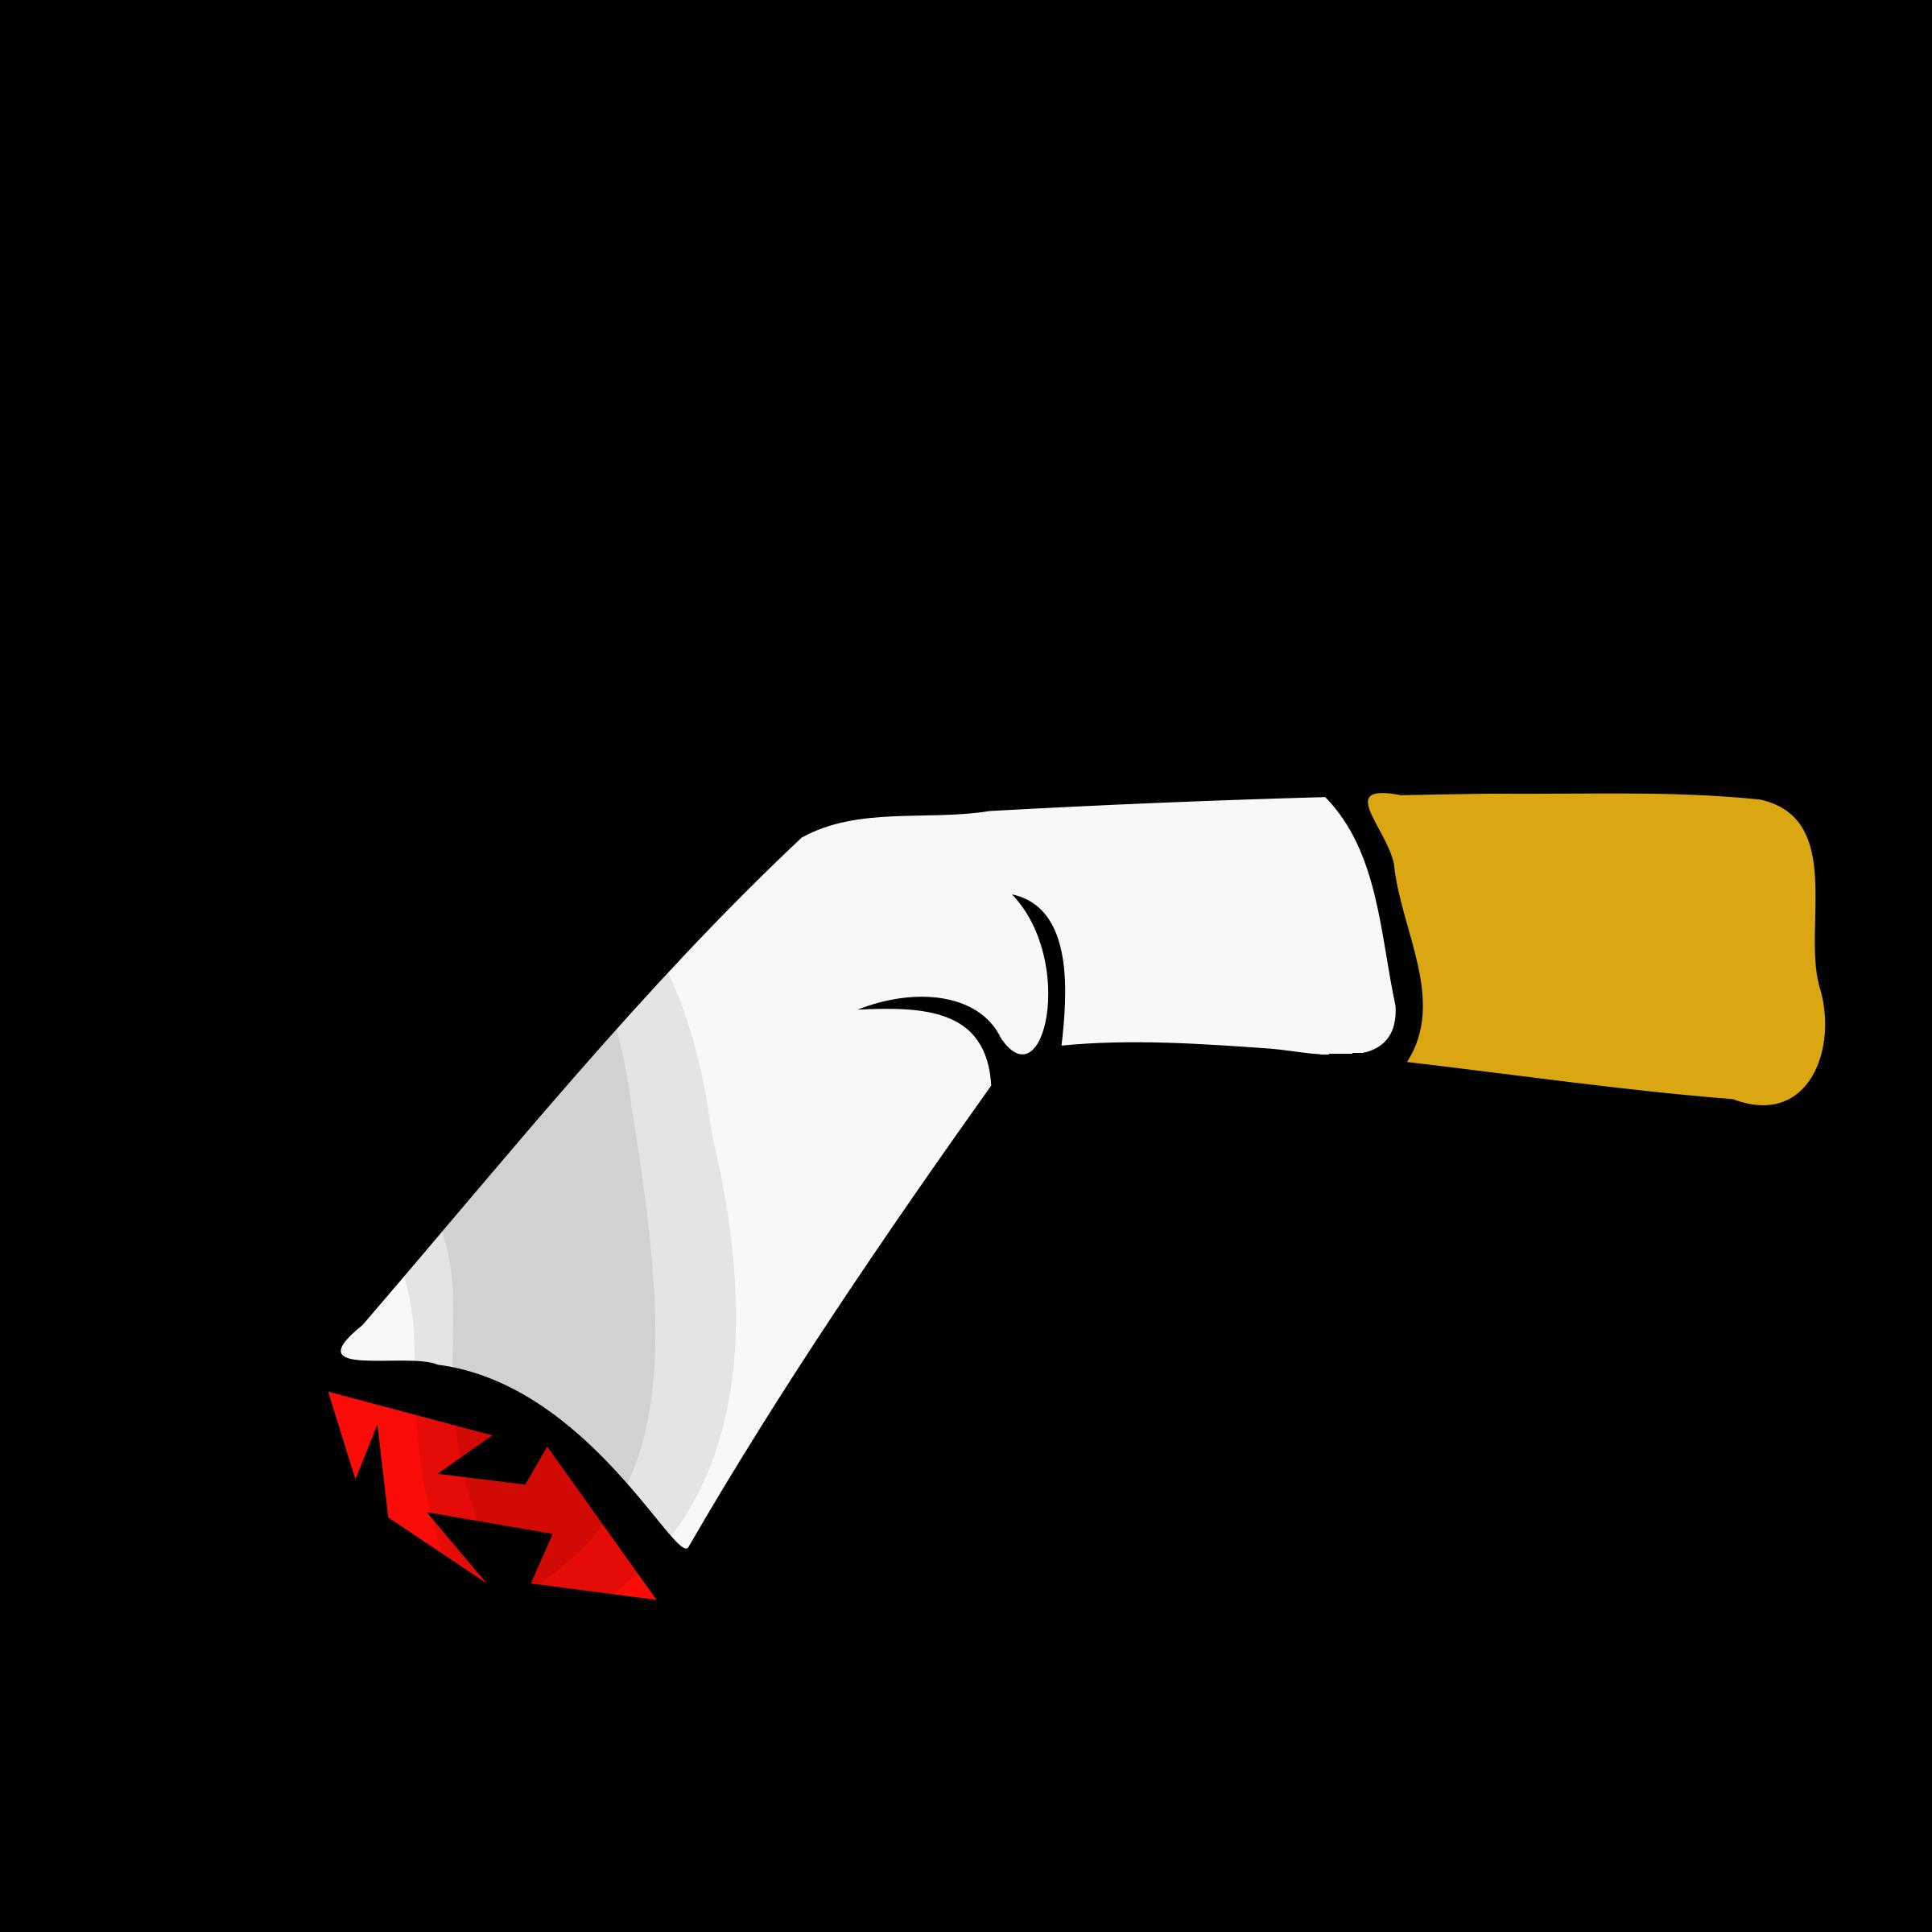 Cigarette big image png. Cigar clipart svg